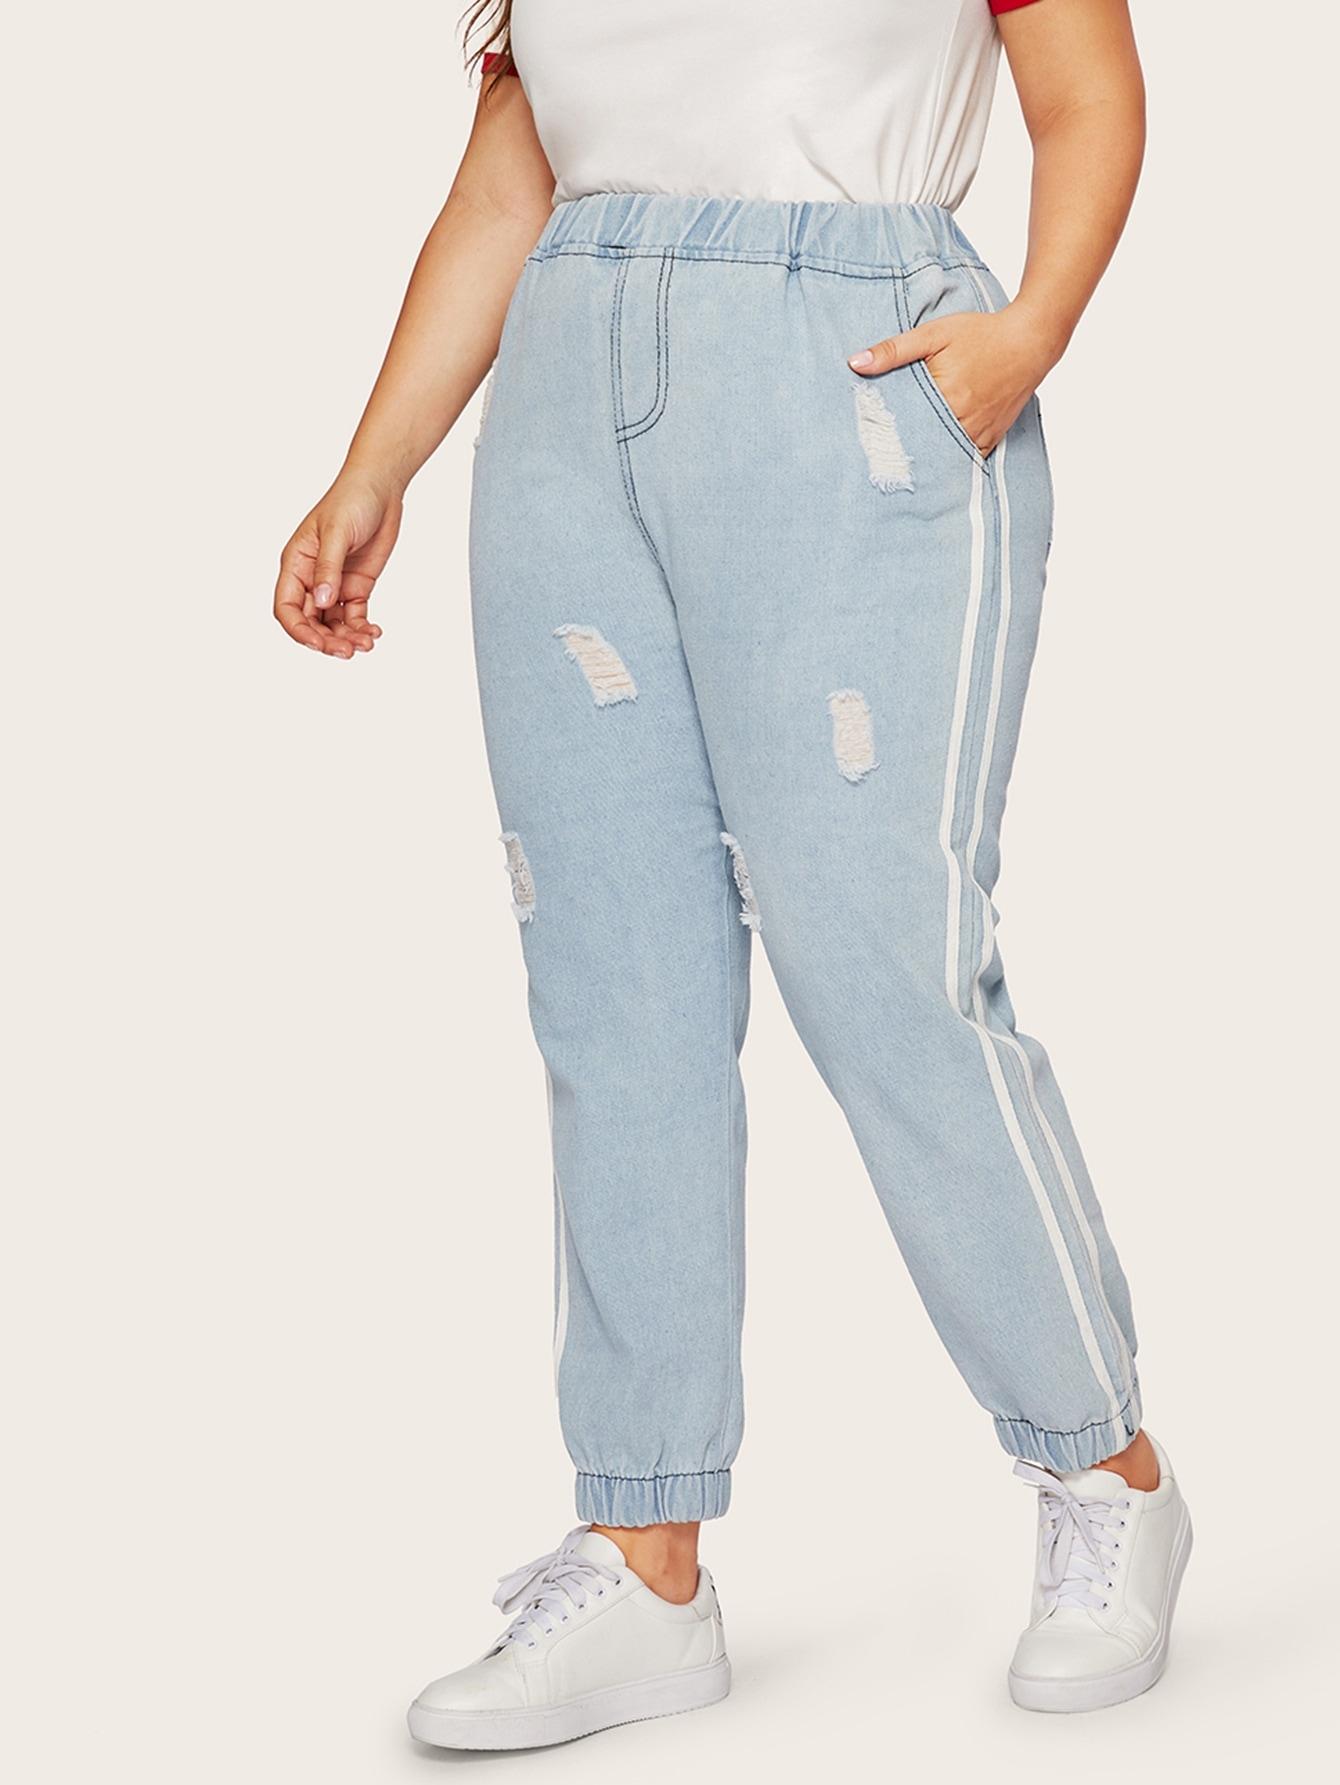 Купить Размера плюс рваные джинсы на резинке, Franziska, SheIn